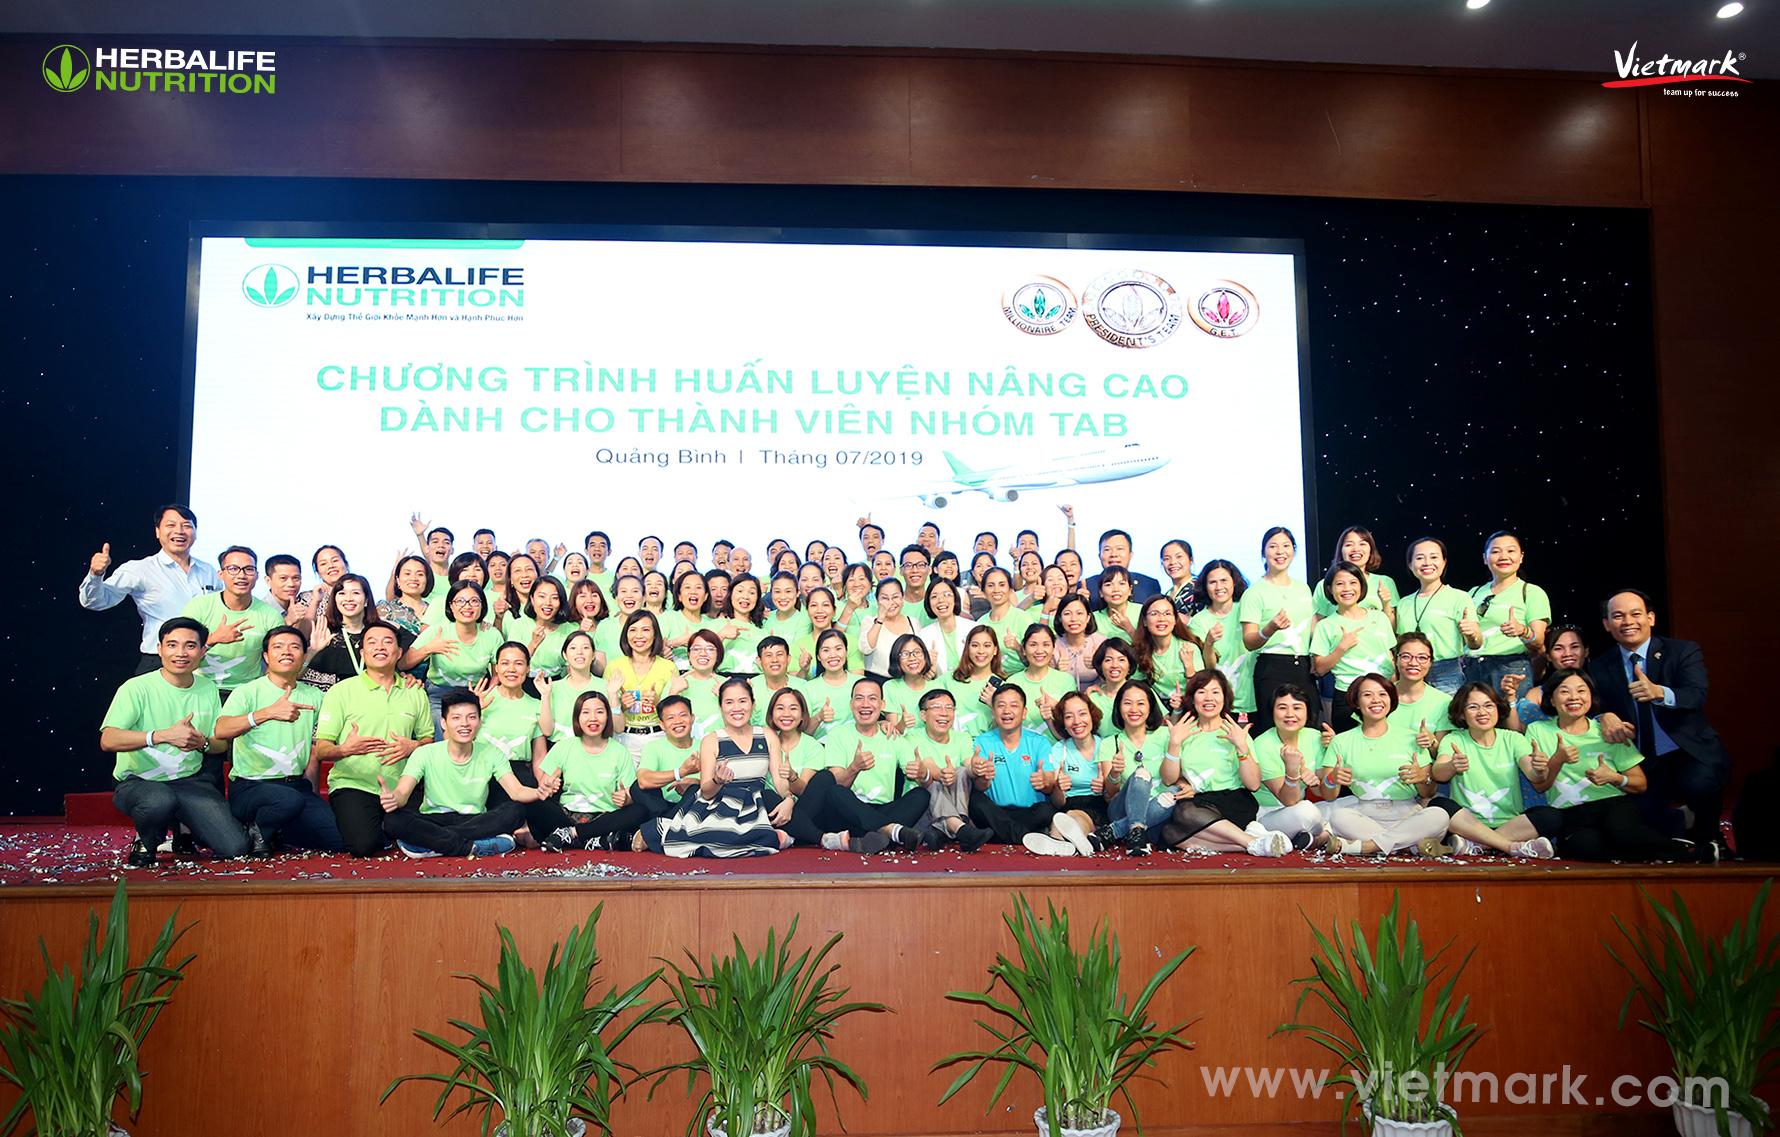 Chương Trình Huấn Luyện Nâng Cao Dành Cho 1.300 Thành Viên Herbalife